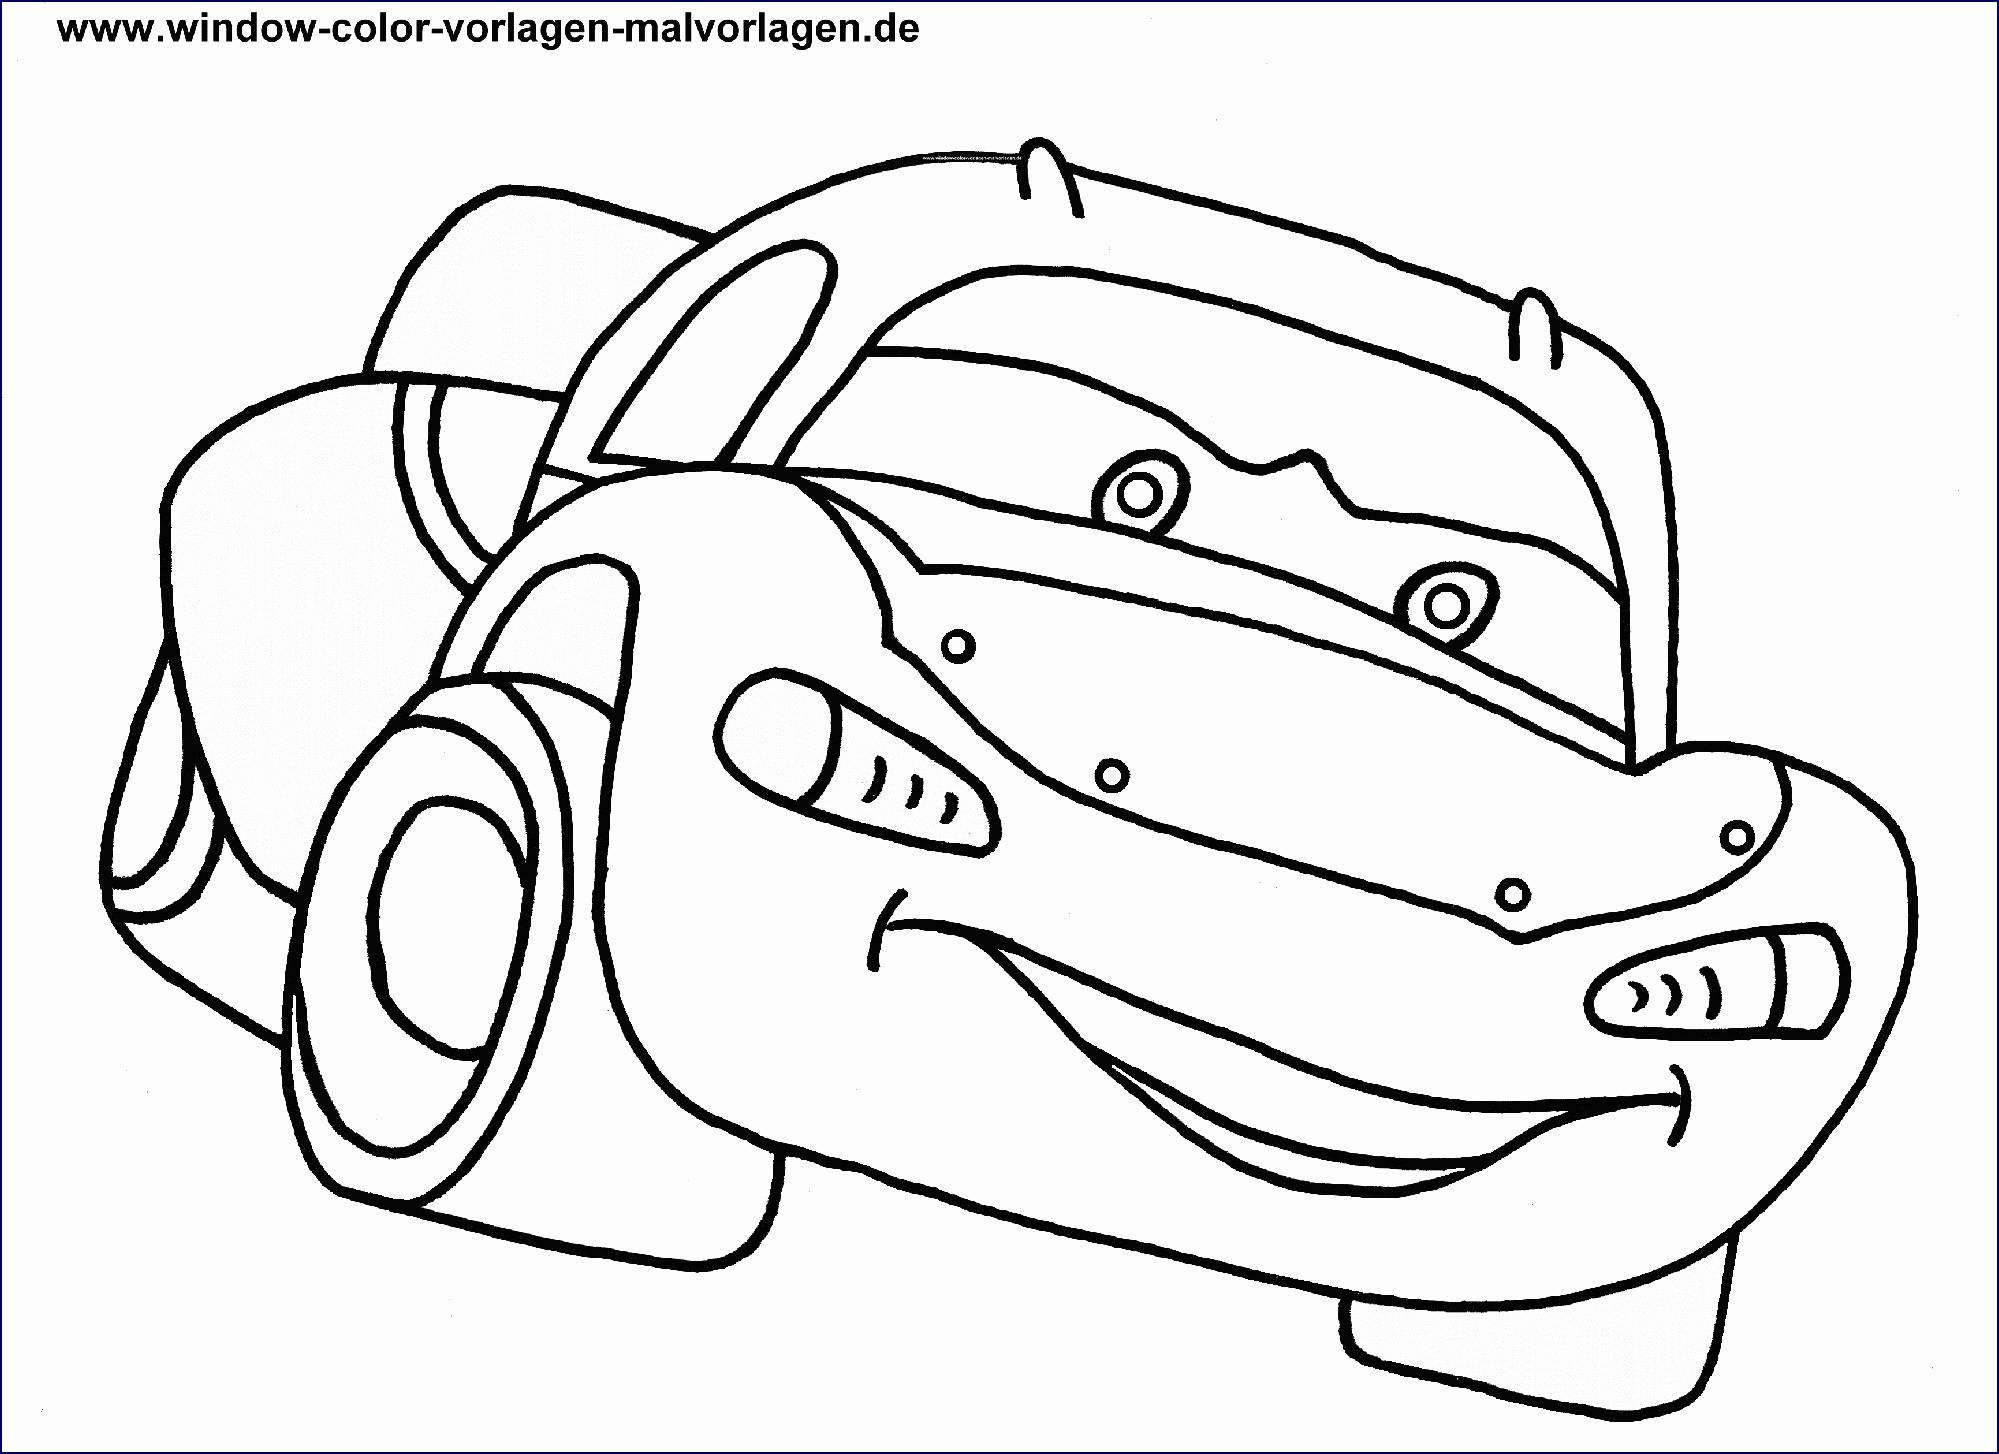 Lightning Mcqueen Malvorlage Frisch Ausmalbilder Cars Lightning Mcqueen Neu Polizei Ausmalbilder Zum Bilder